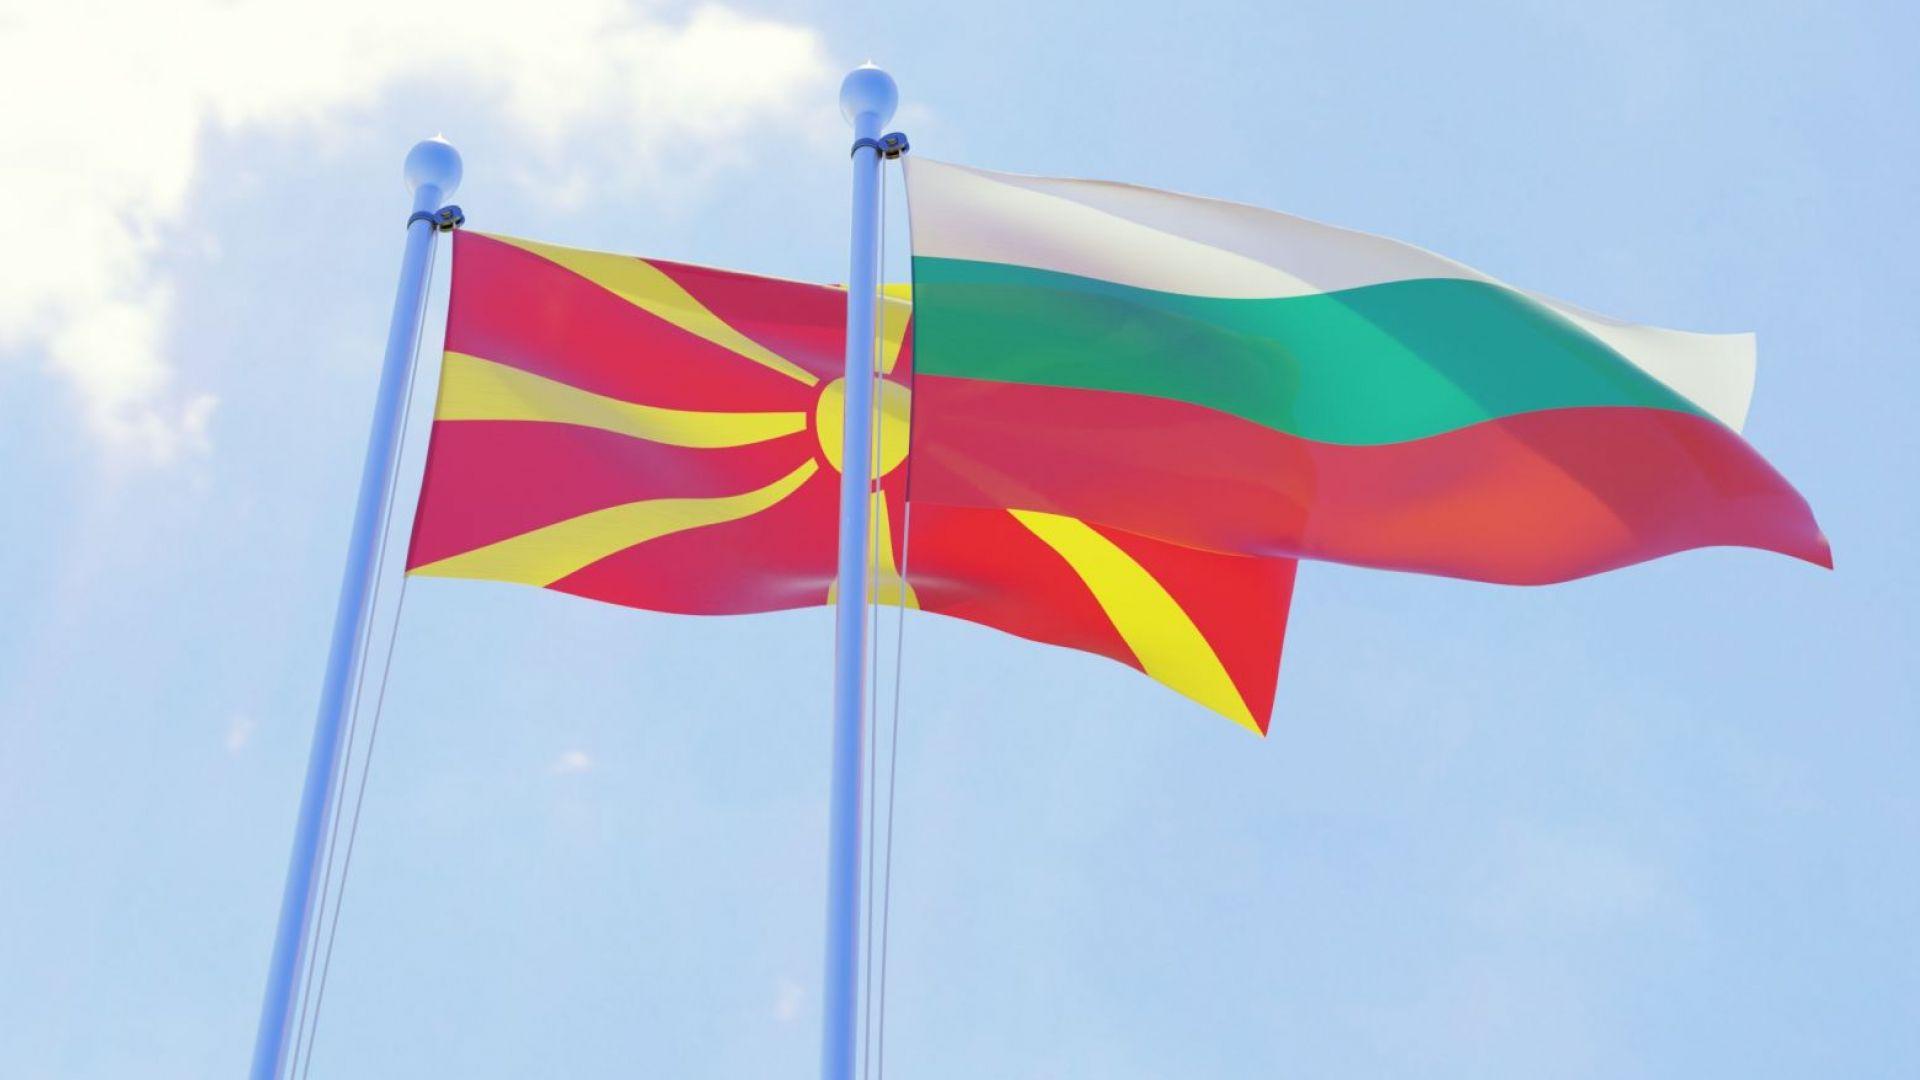 Проучване: Северна Македония падна в очите на българите